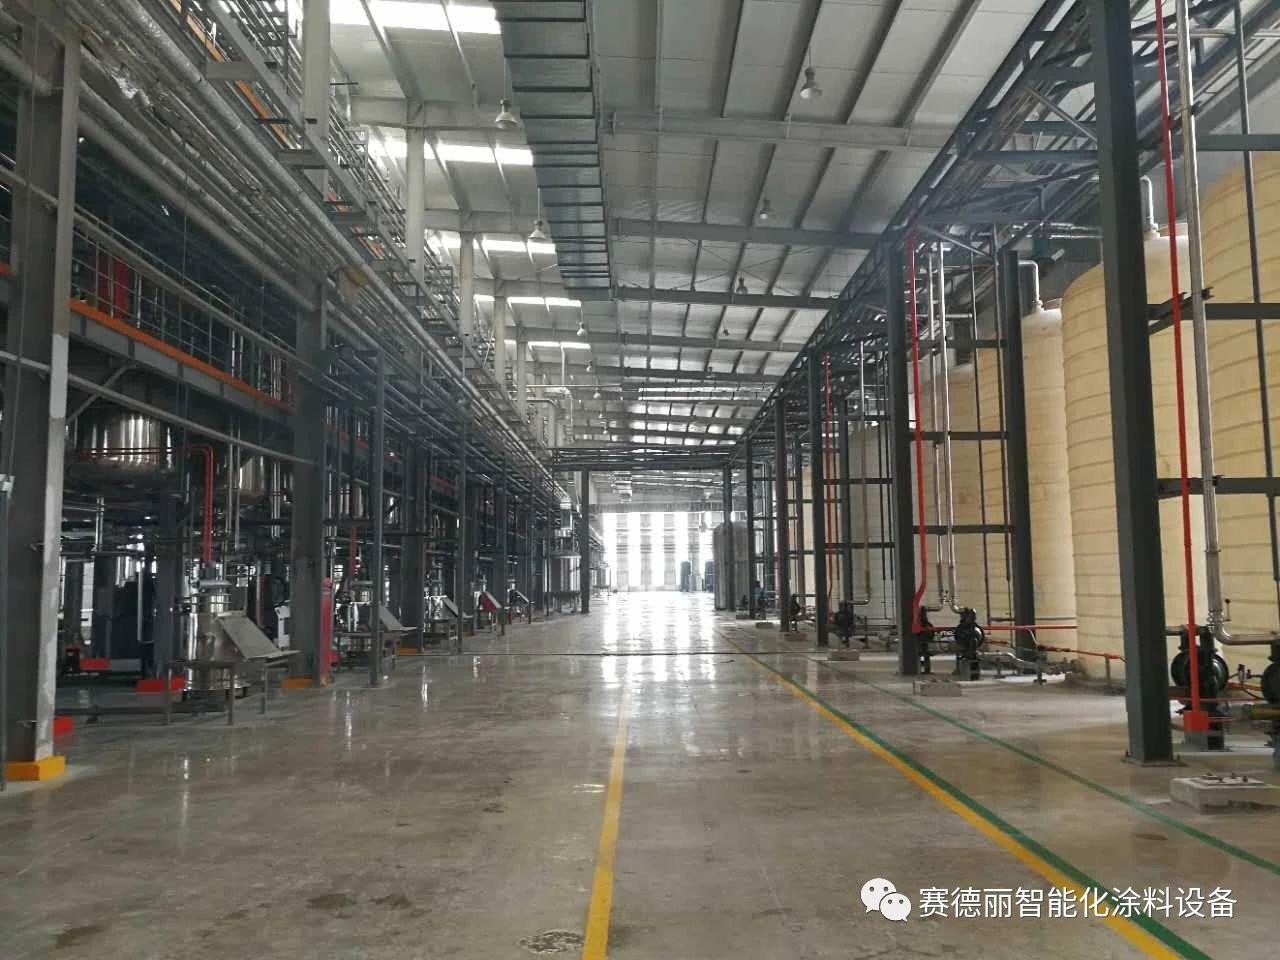 赛德丽制作的年产6.3万吨水性工业漆自动化成套生产线